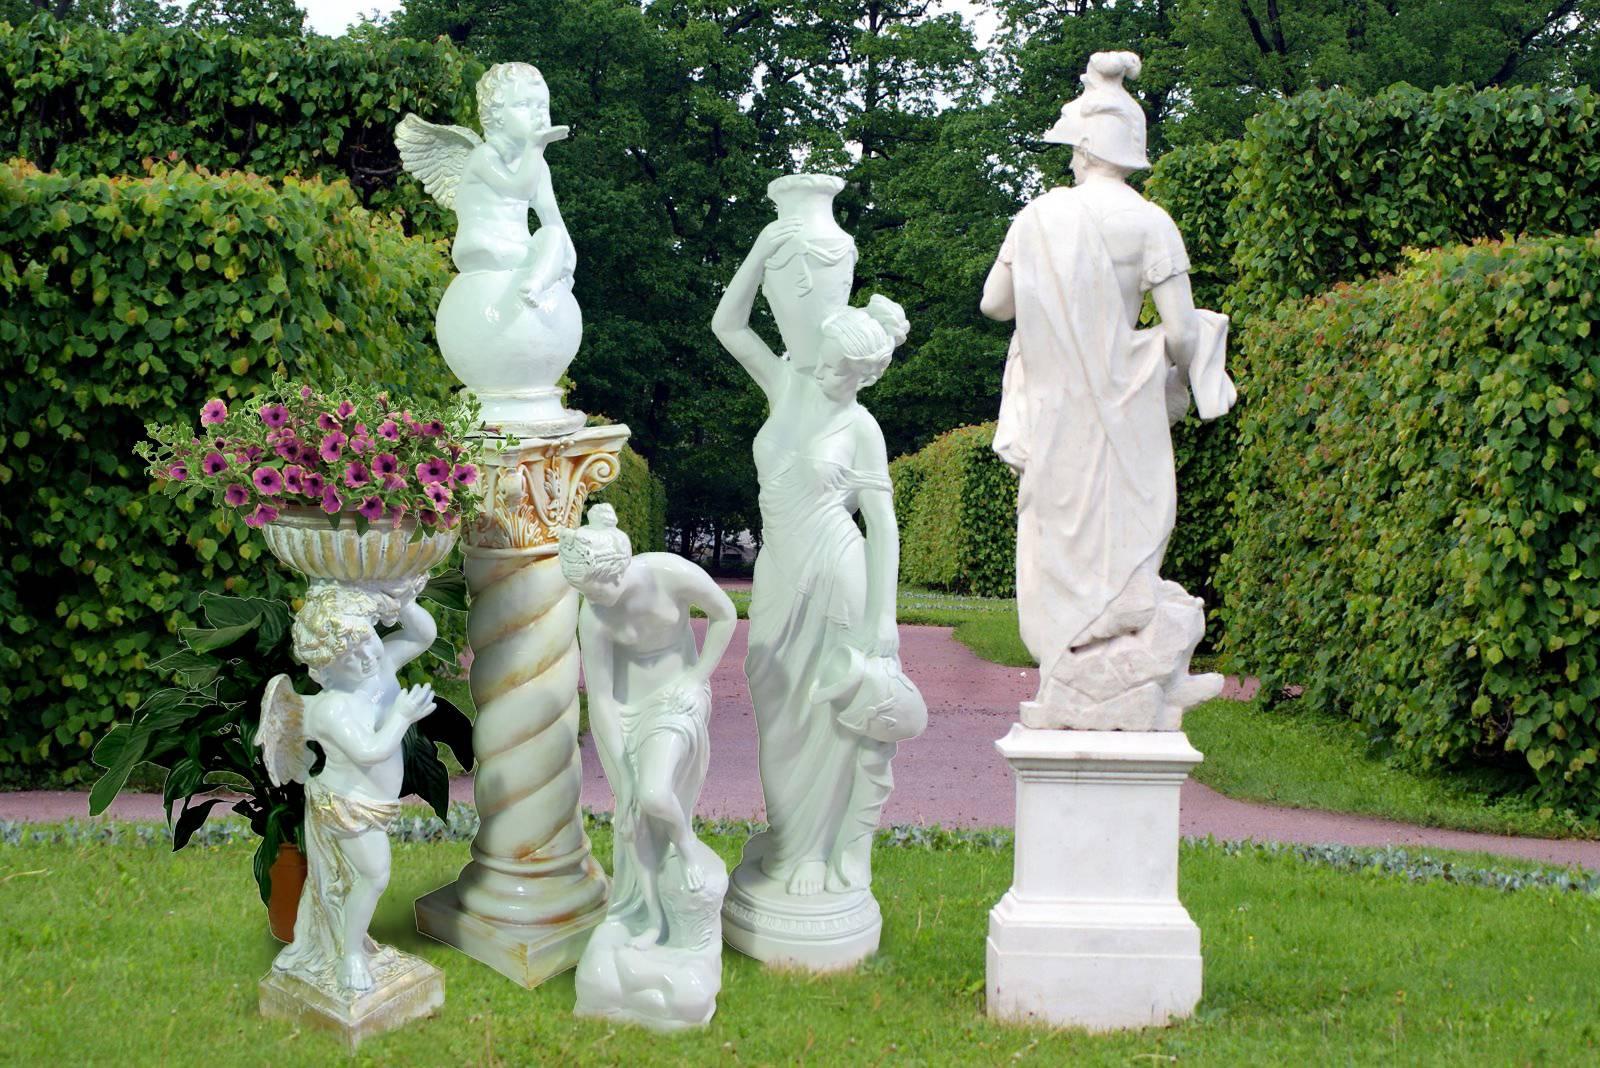 Садовая скульптура: виды, материалы изготовления, фото в ландшафтном дизайне